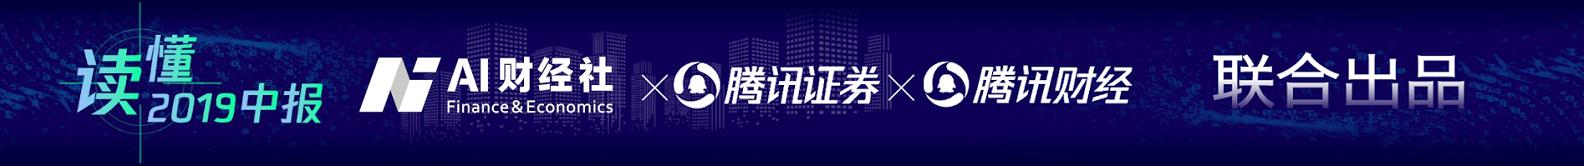 东阿阿胶利润困局:12年涨价37倍超北京房价,广告屡屡踩红线